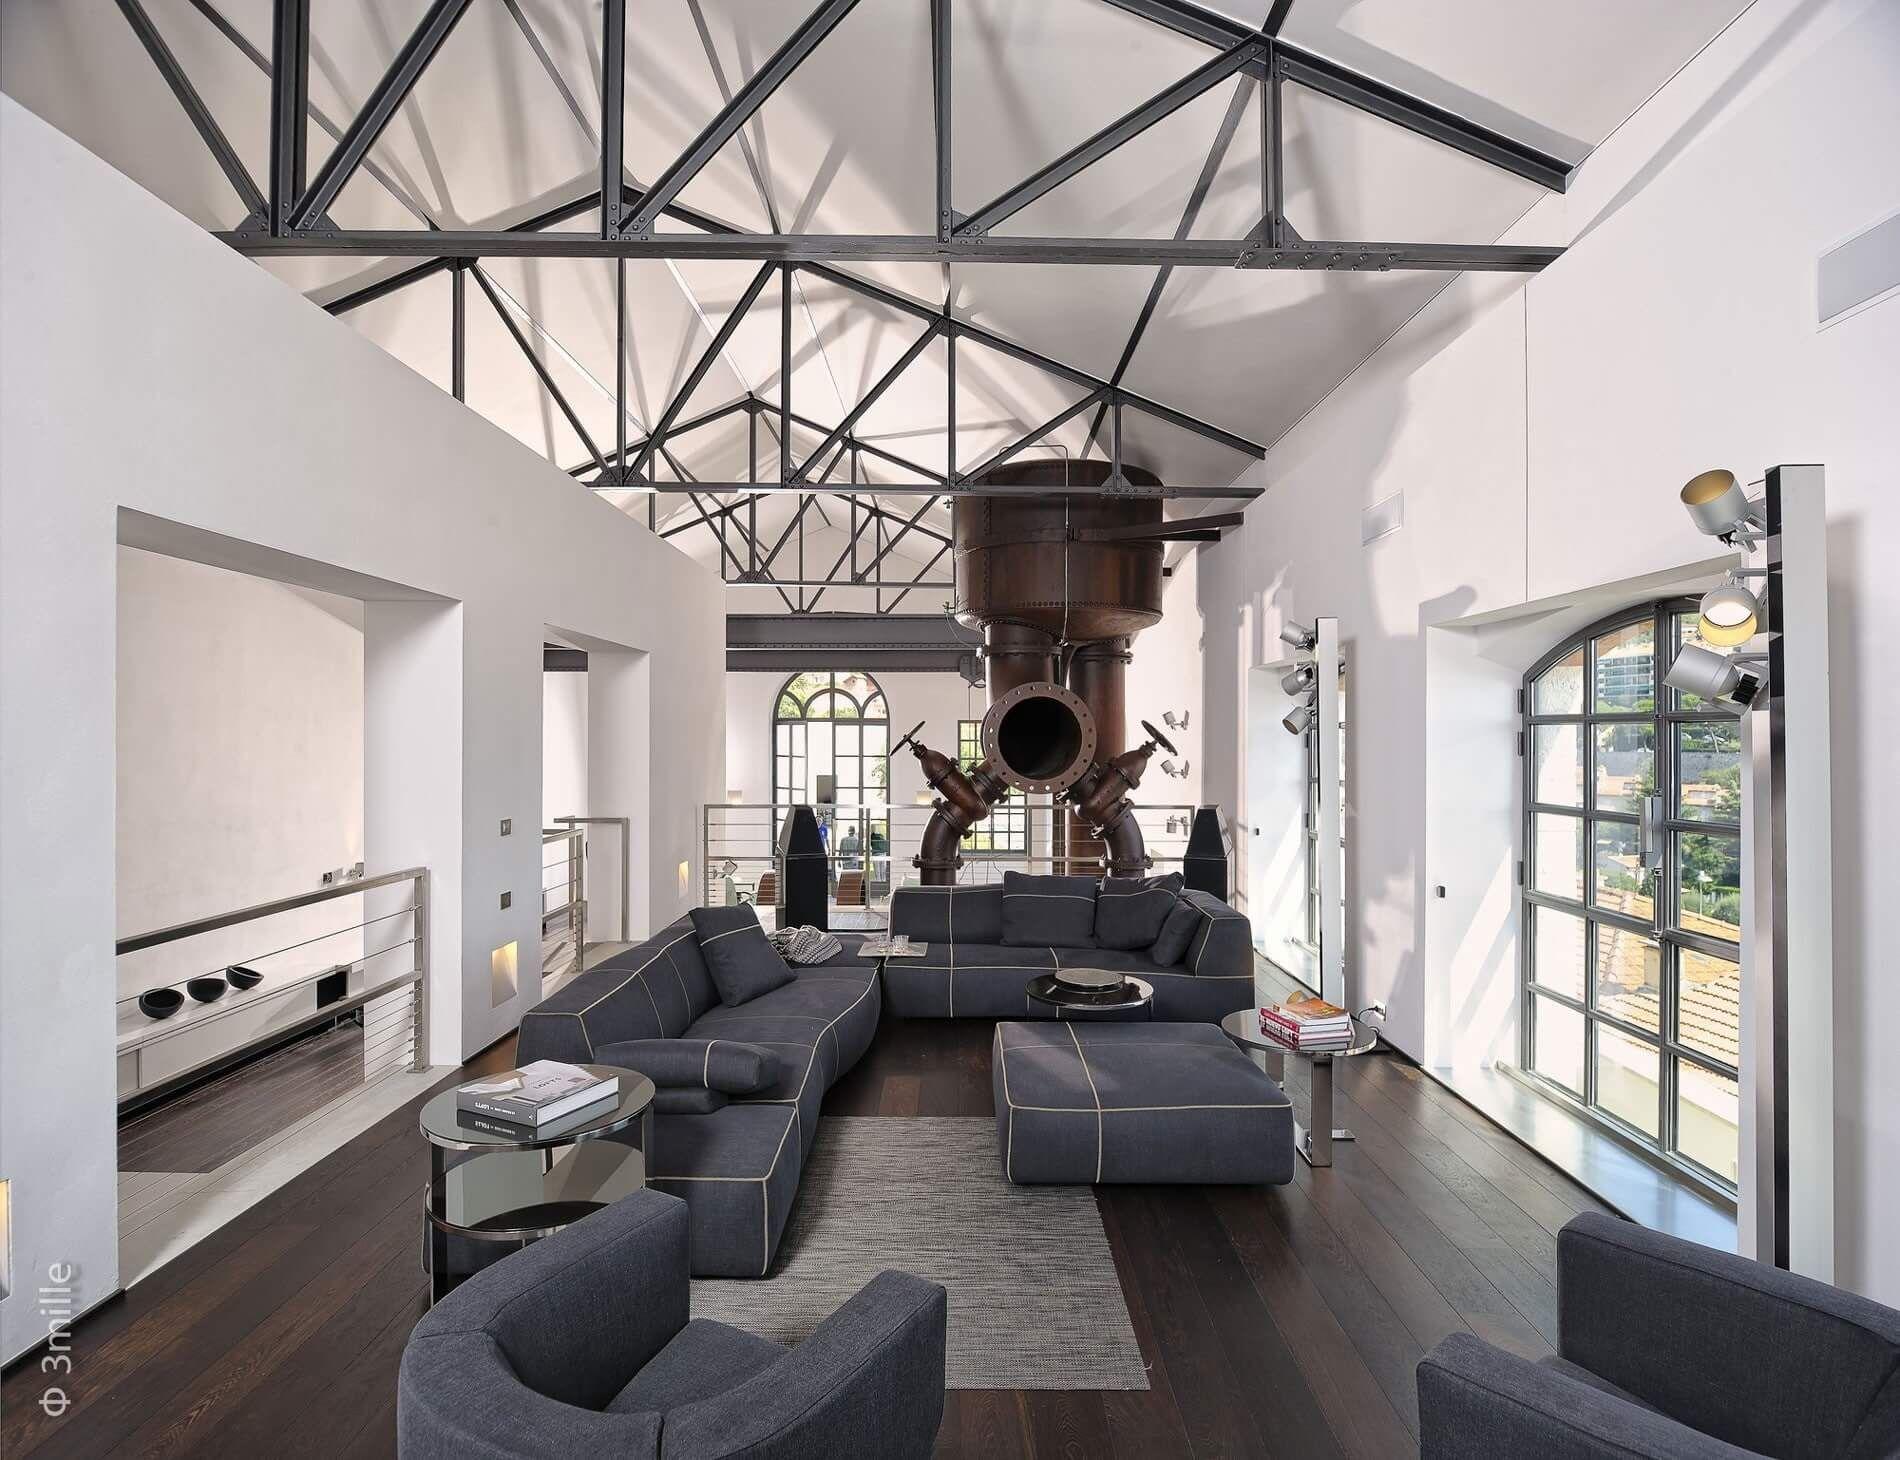 ideen wohnzimmer diy : Extravagante Wohnzimmer Interieur Ideen Wohnzimmer Diy